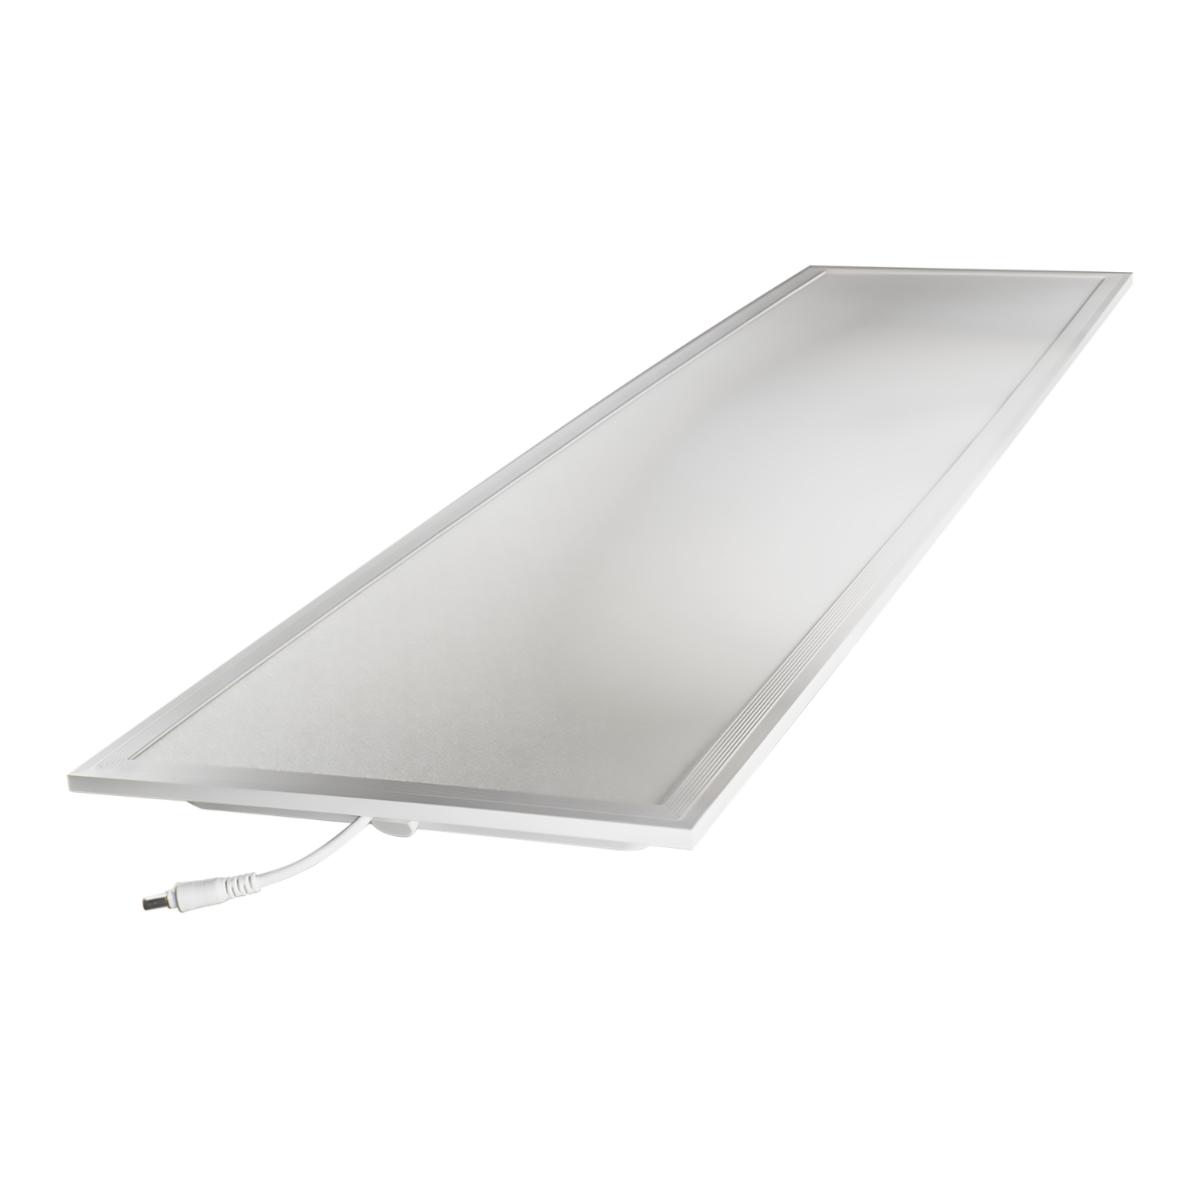 Noxion Panneau LED Econox 32W Xitanium DALI 30x120cm 3000K 3900lm UGR <22   Dali Dimmable - Blanc Chaud - Substitut 2x36W